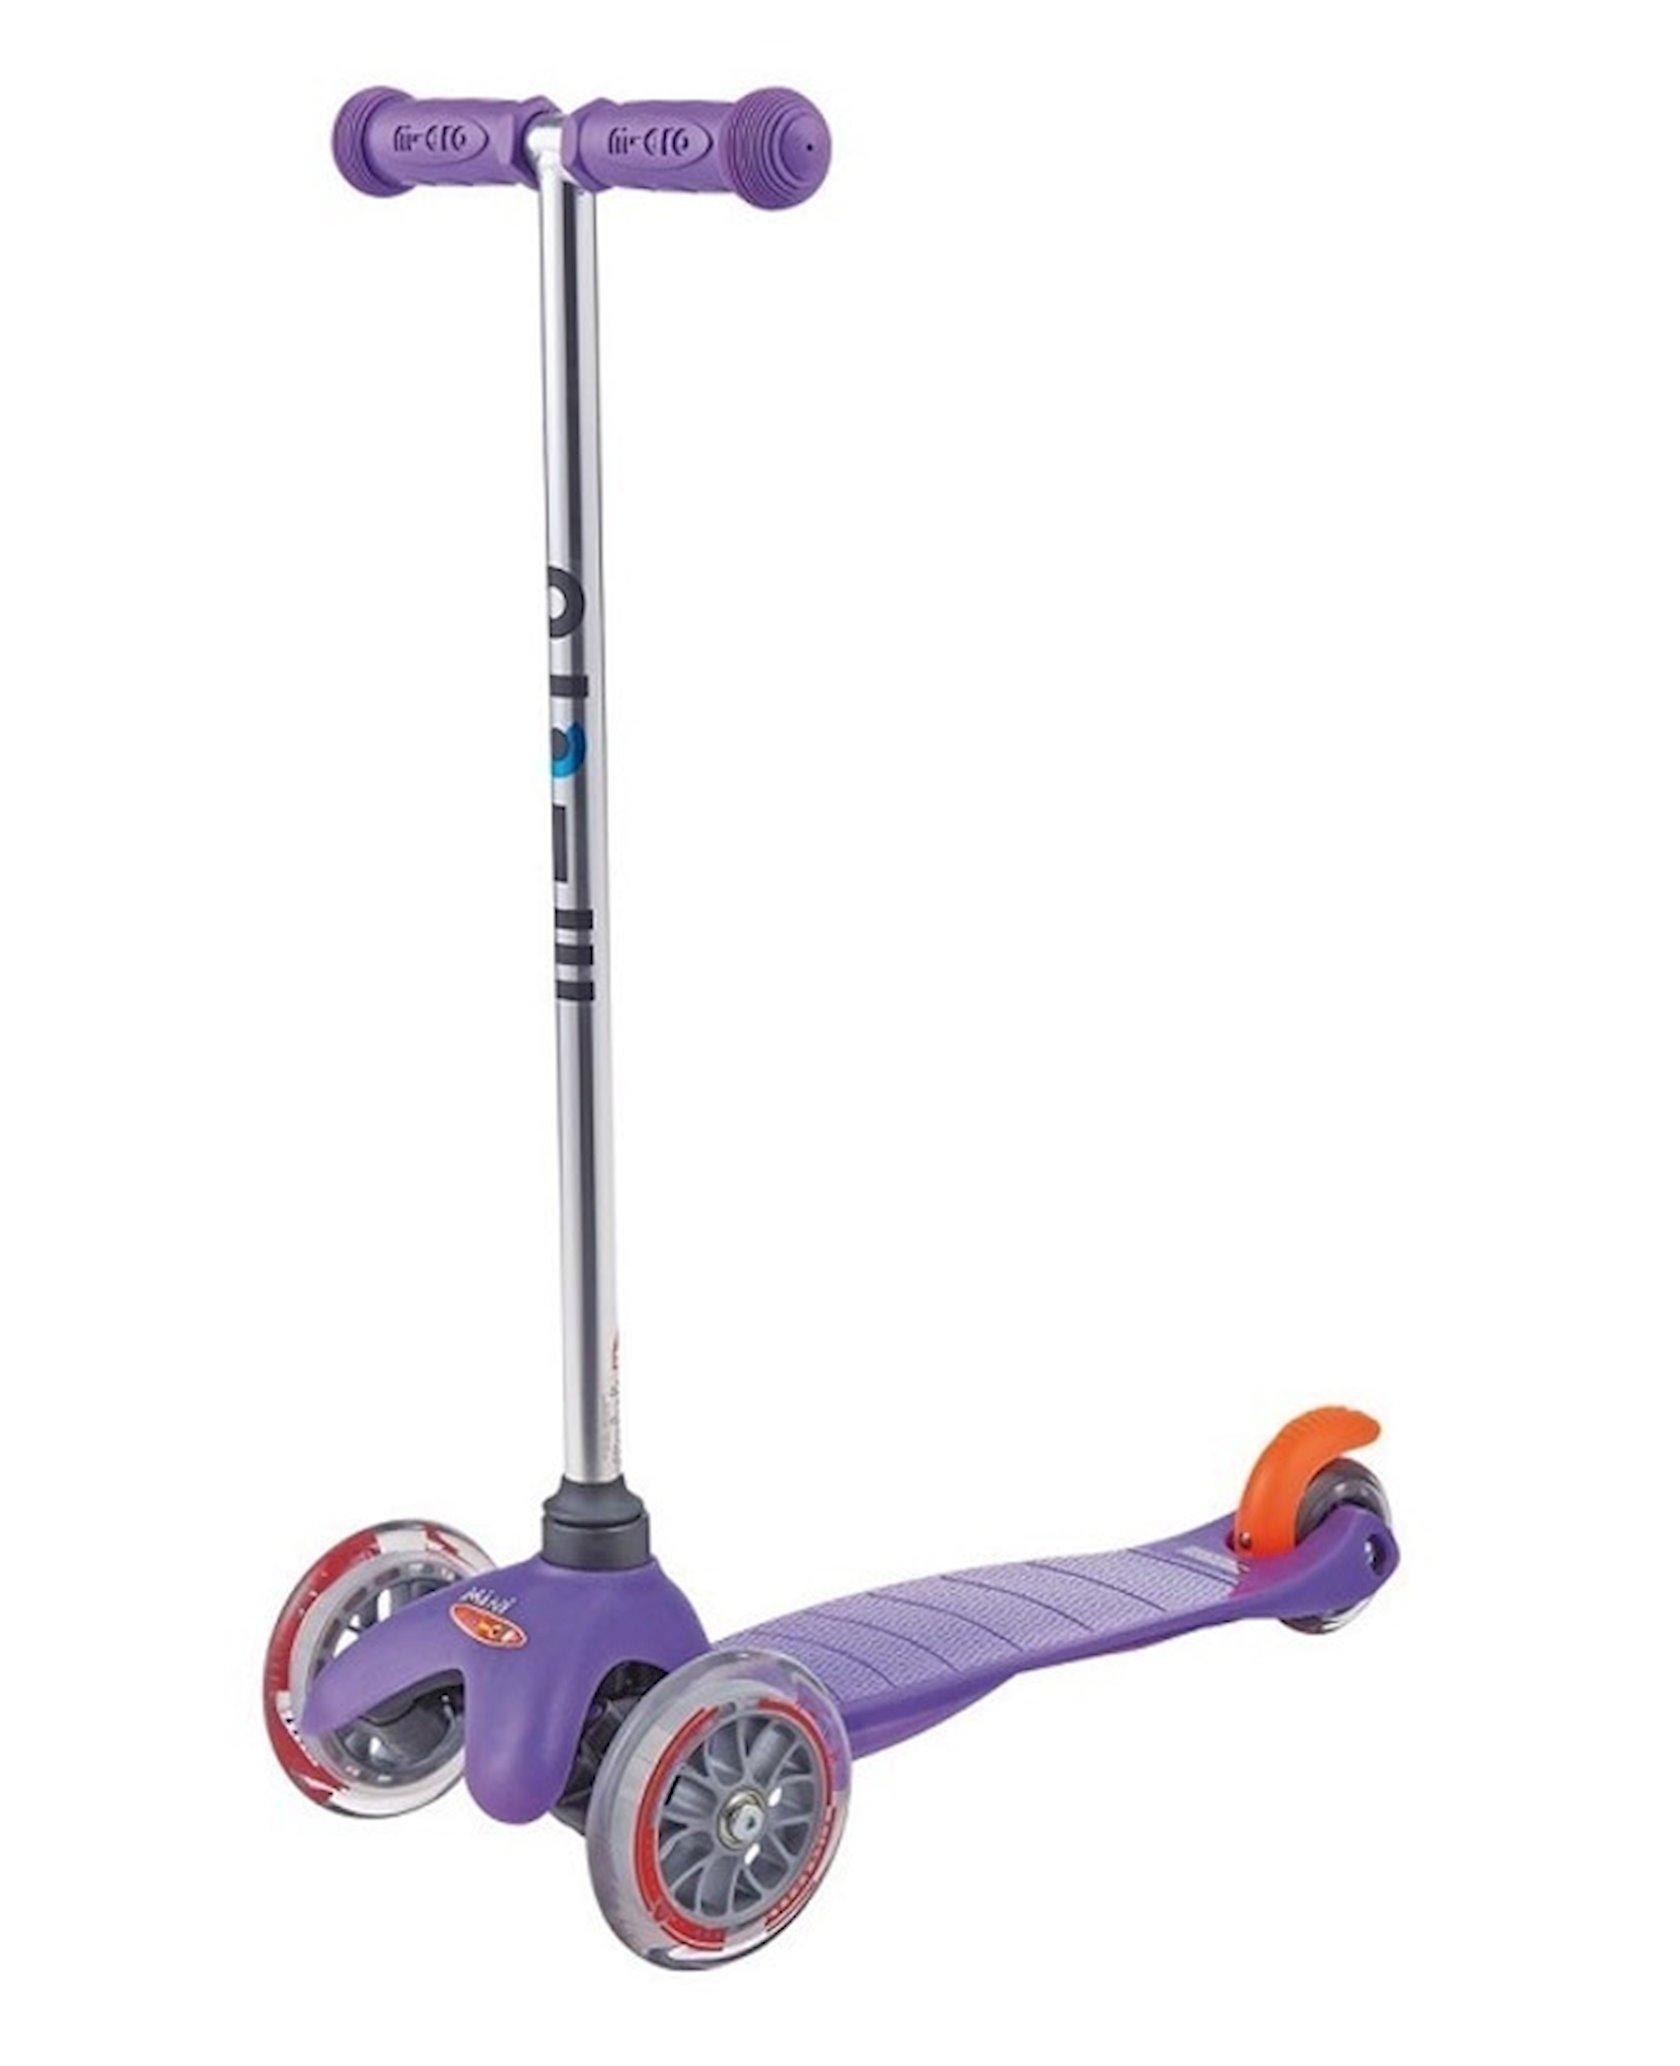 Üç təkərli samokat Micro Mini Scooter Purple, bənövşəyi, alüminium, plastik, 2+ yaş, 68x25x15 sm, təkərlər 120/80 mm, 1900 q